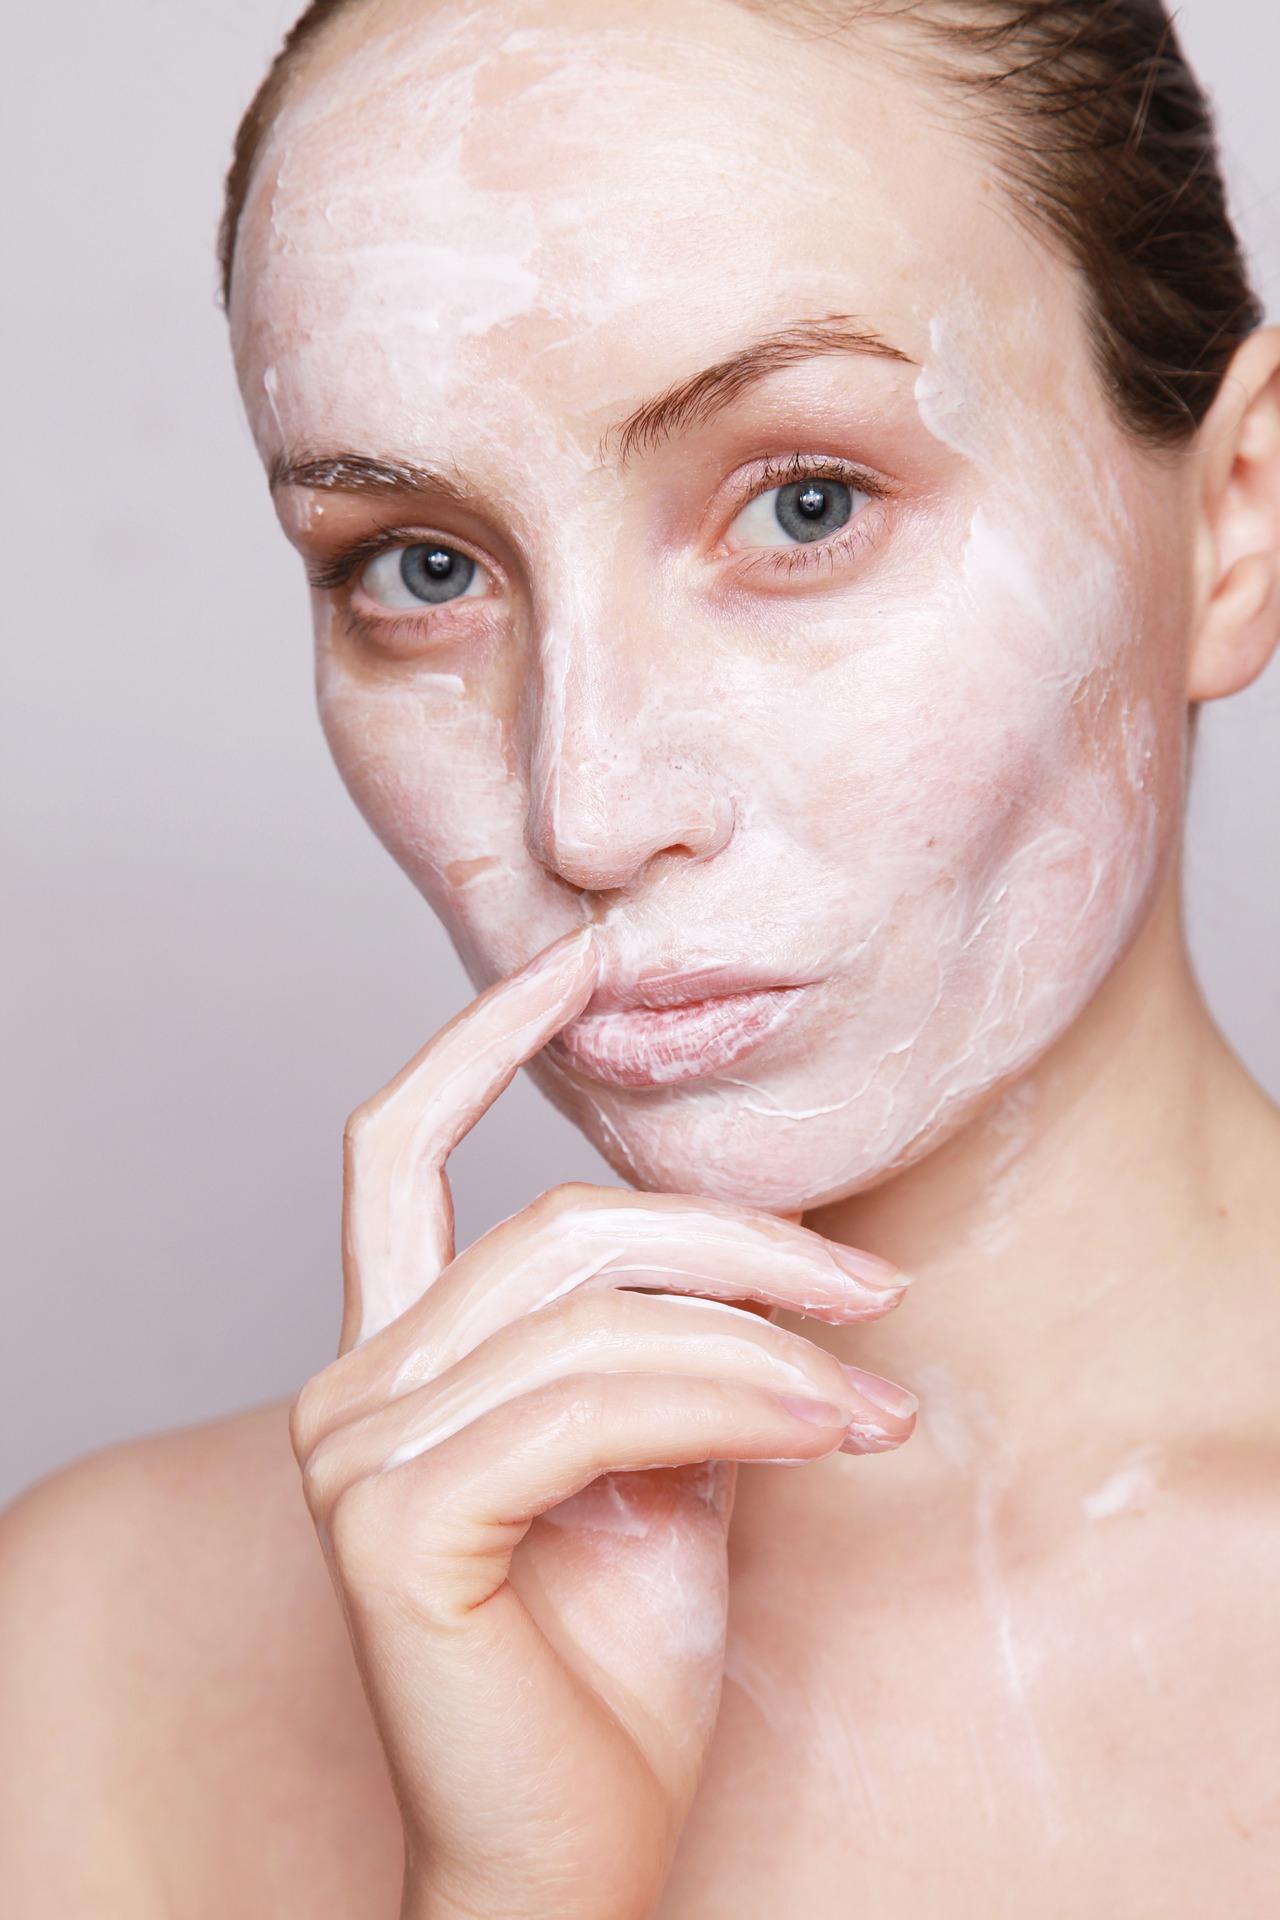 Какви козметични процедури да изберем според типа кожа?